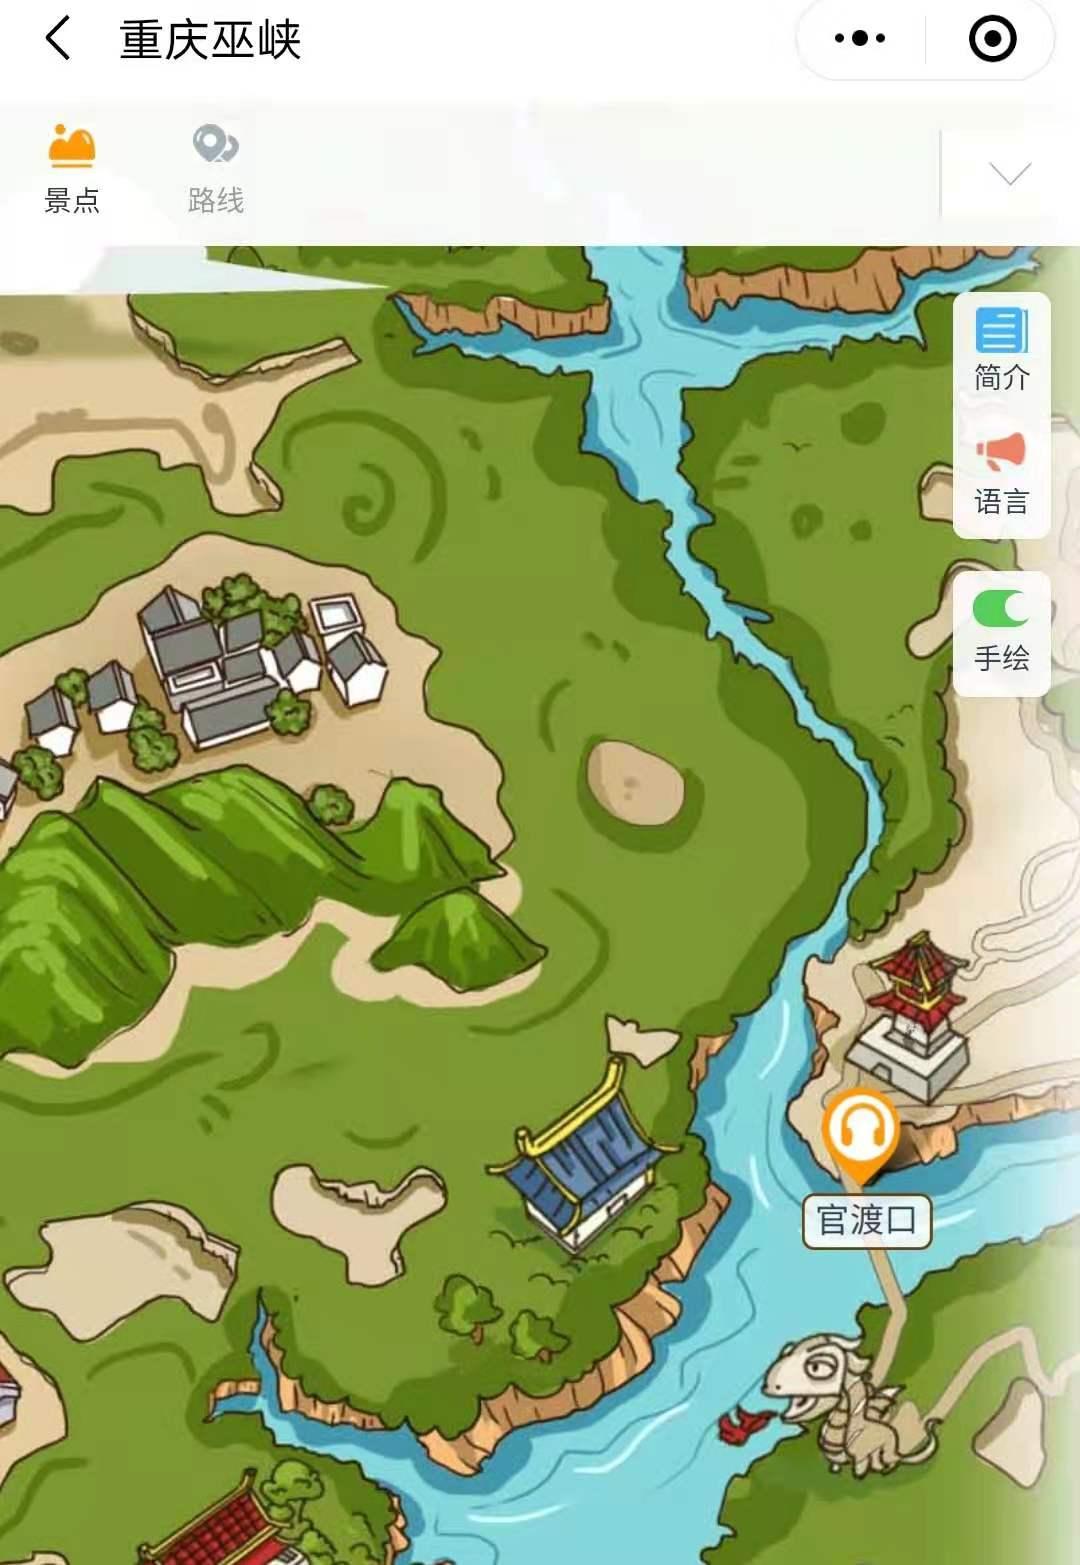 2021年重庆巫峡手绘地图,电子导览,语音讲解系统上线.jpg